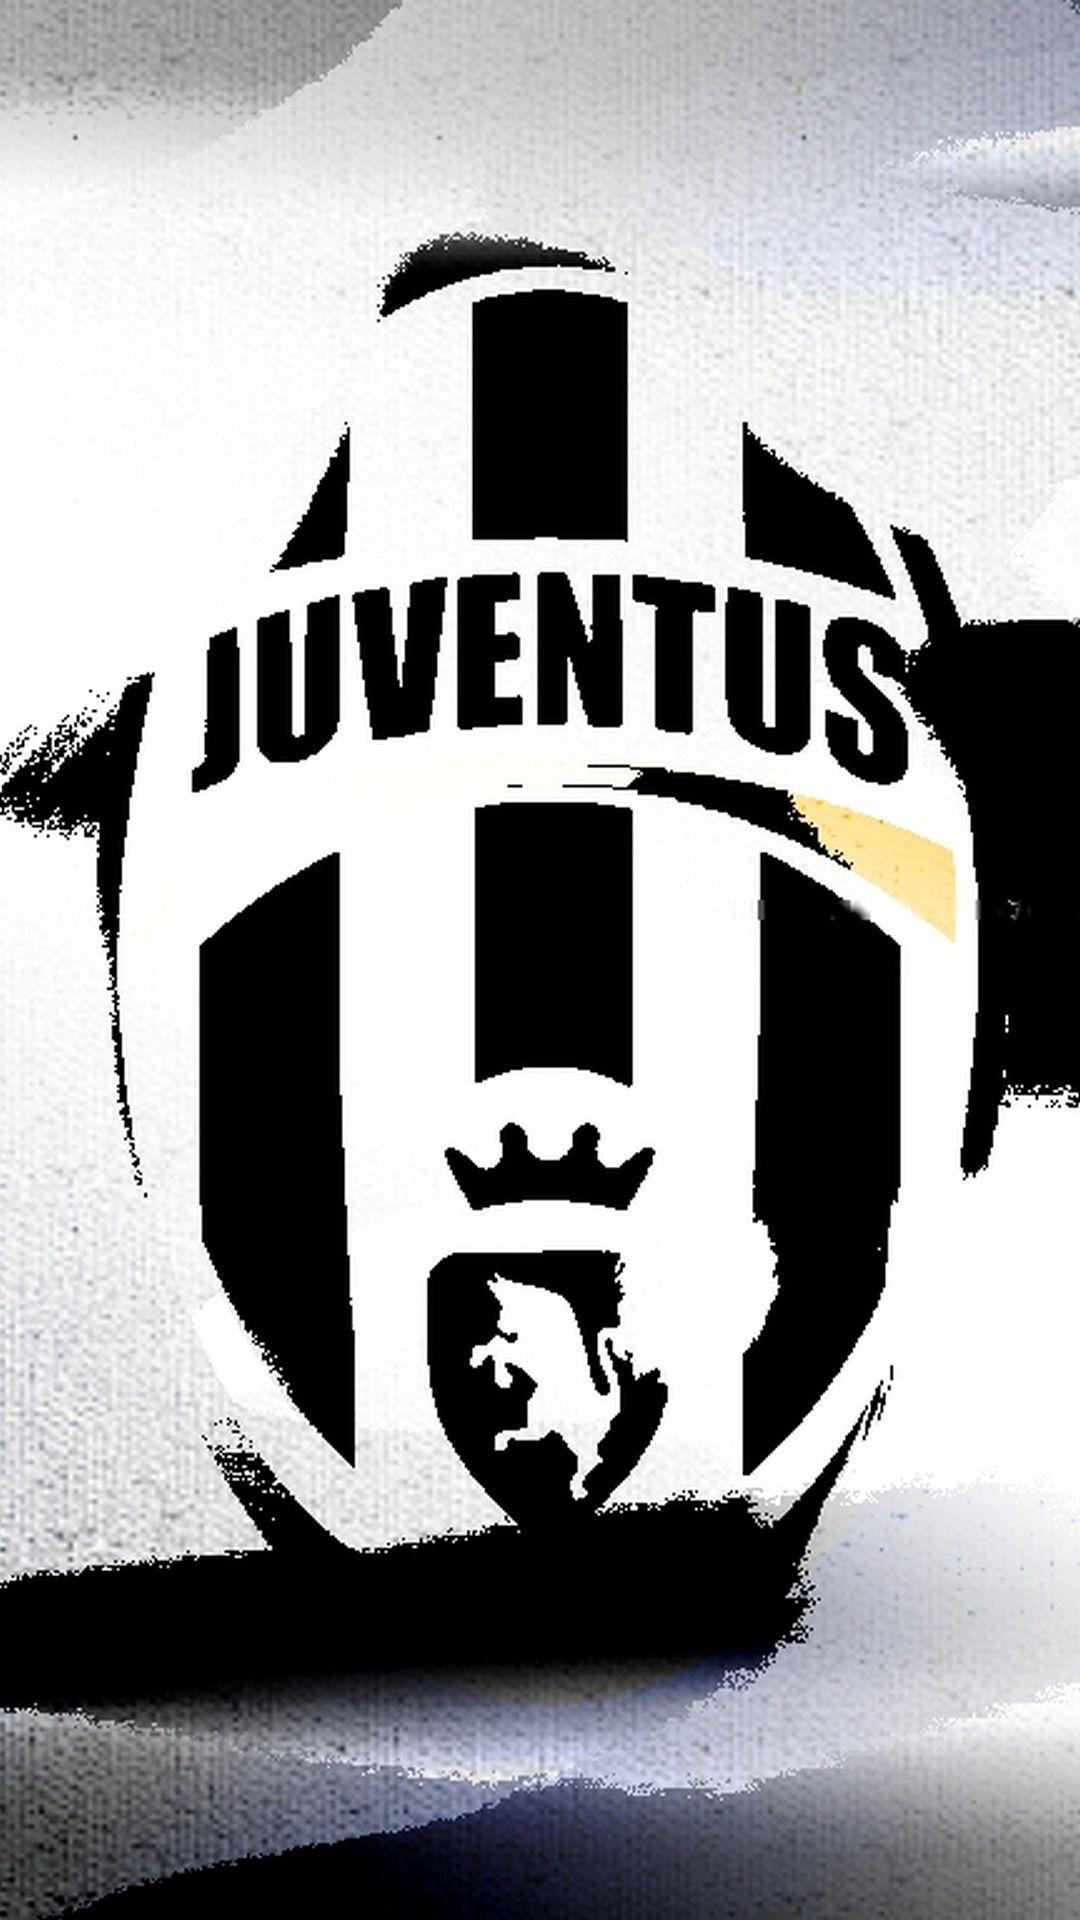 Iphone Wallpaper Of Juventus Fc Iphonewallpapers Juventus